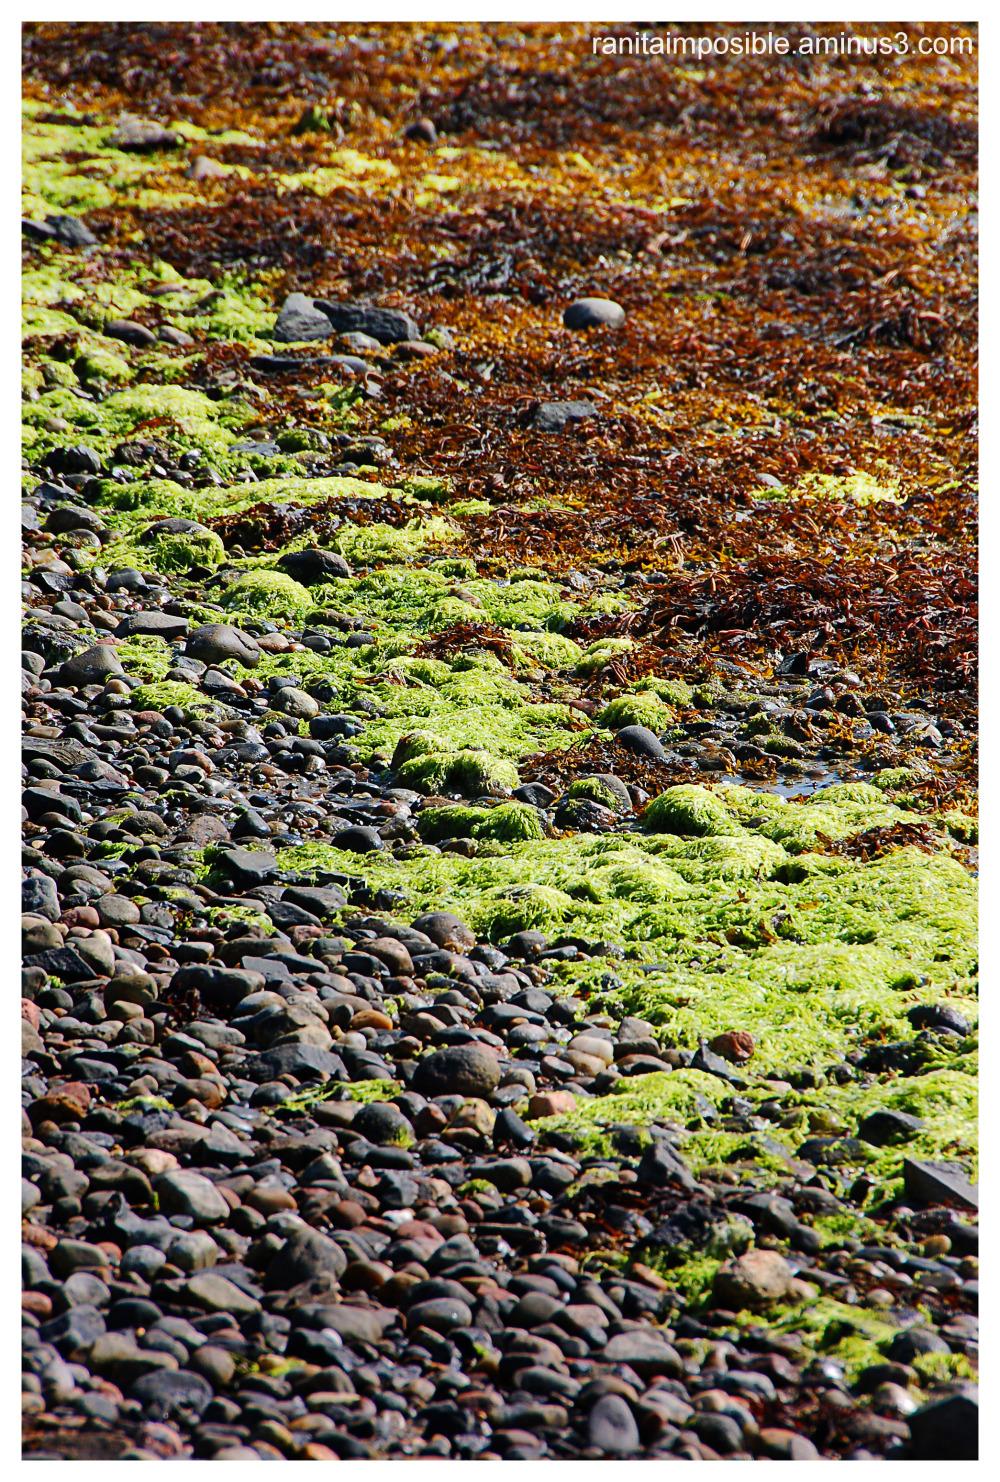 Pebbles & Seaweeds